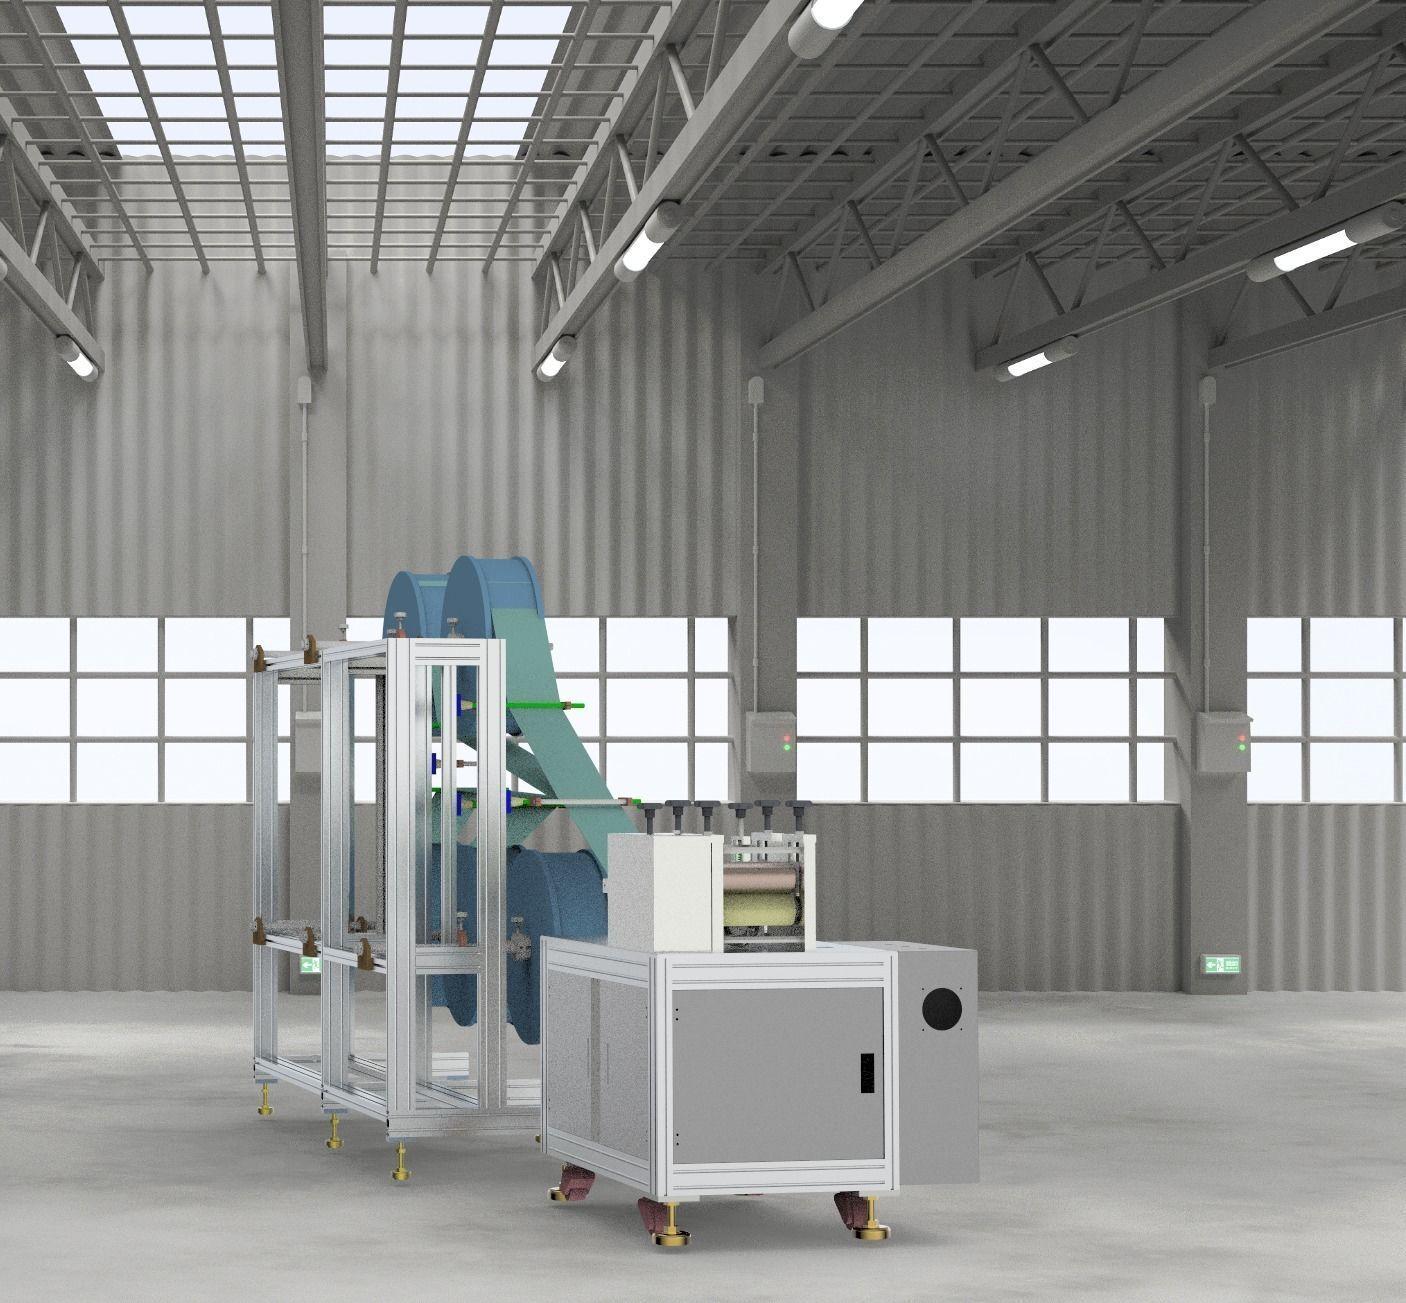 KN95 semi-automatic production machine